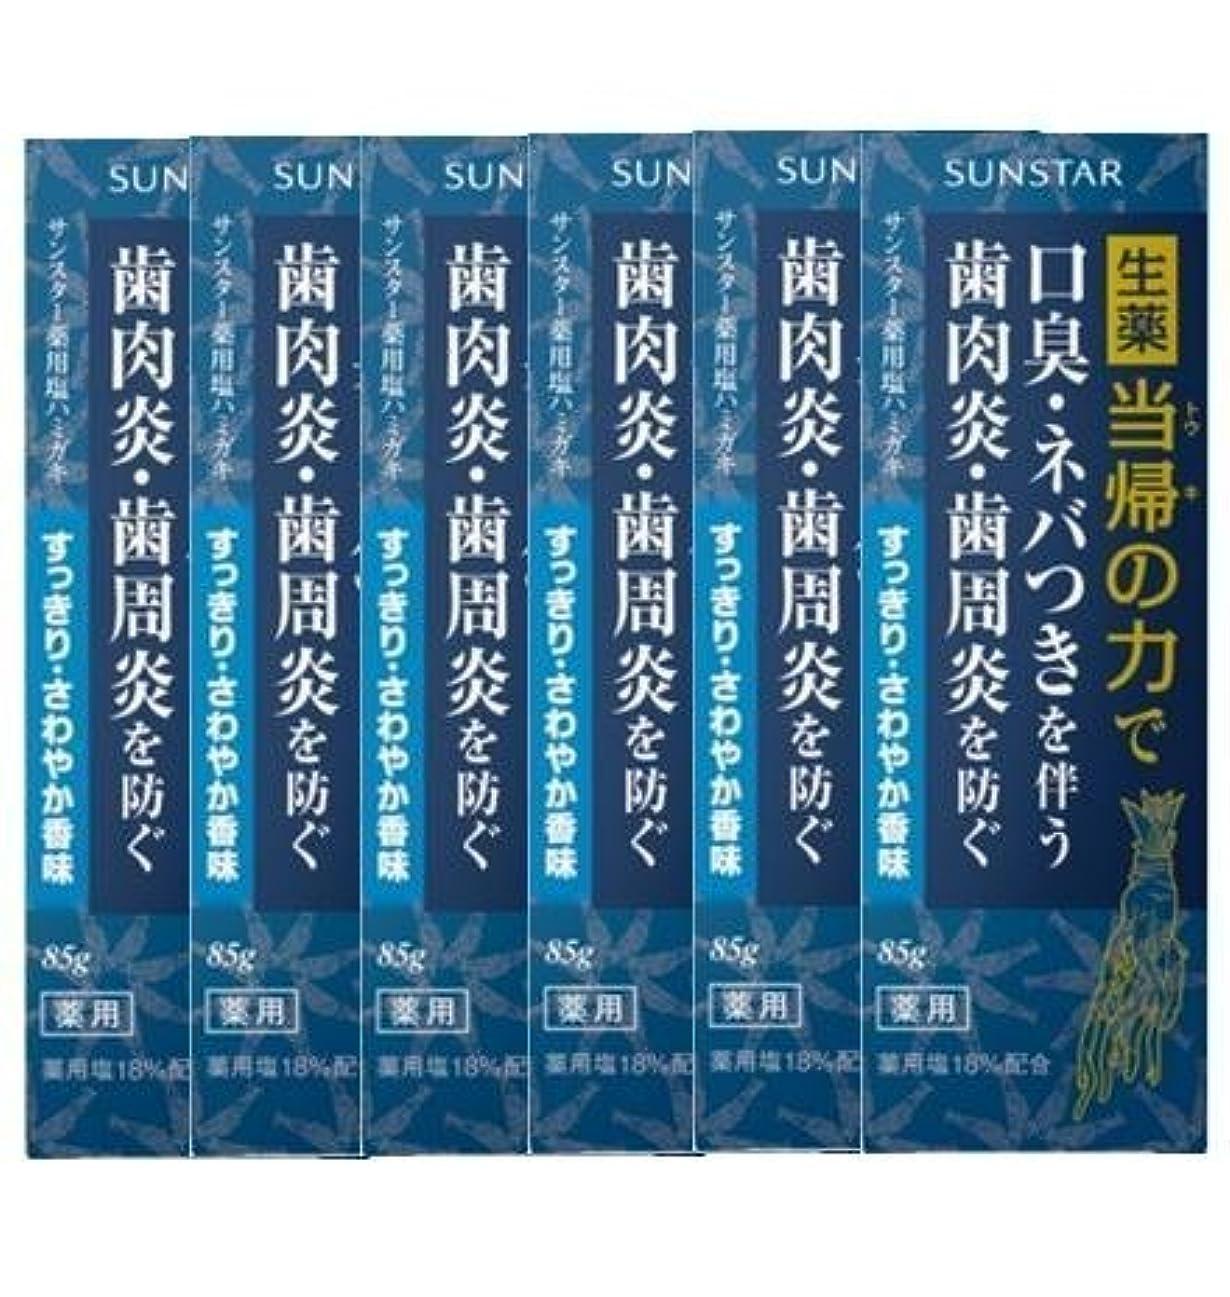 プロトタイプ本質的に抹消薬用ハミガキ 生薬 当帰の力 さわやか香味85g×6個セット